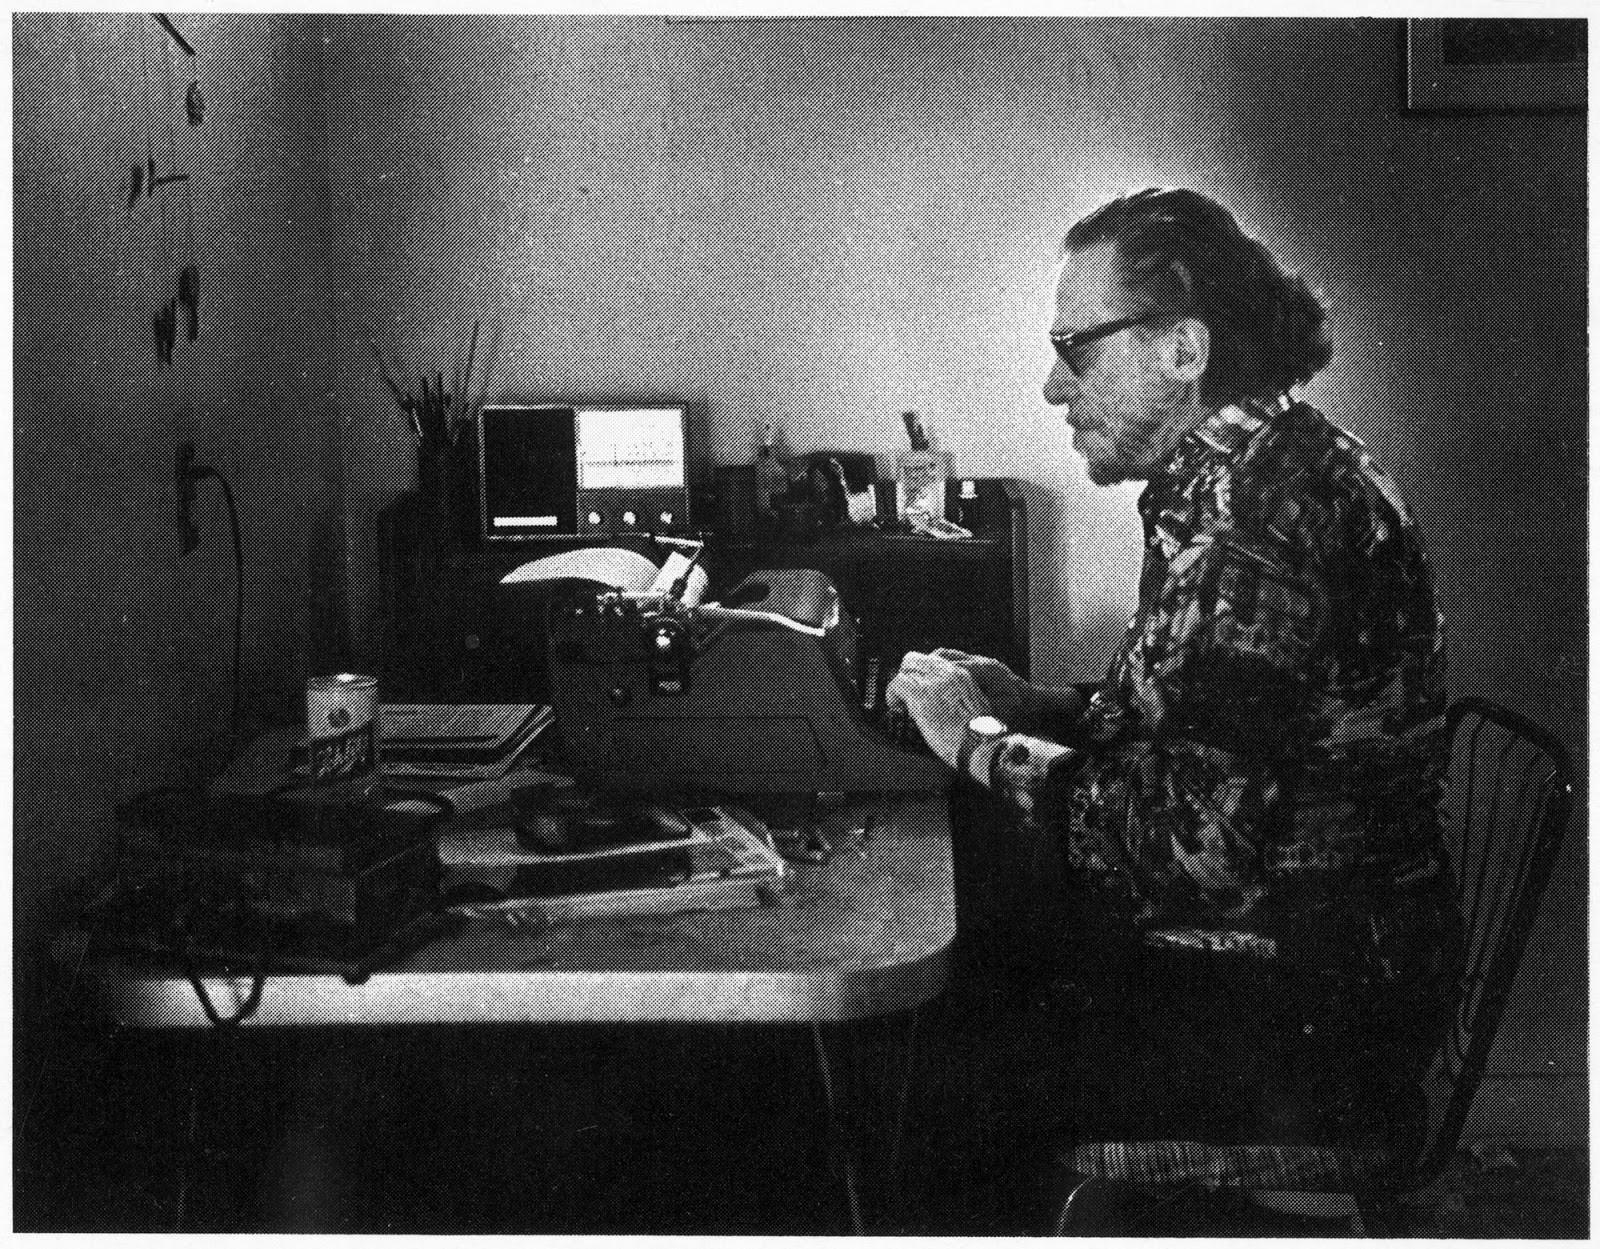 Escritor, poeta e cronista, Charles Bukowski também era um adepto das máquinas de escrever. Seu amor por elas era tanto que ele escreveu o poema IBM Selectric, mesmo nome de um modelo de máquina que tinha. Na foto, ele escreve em sua Royal HH (Foto: Reprodução)